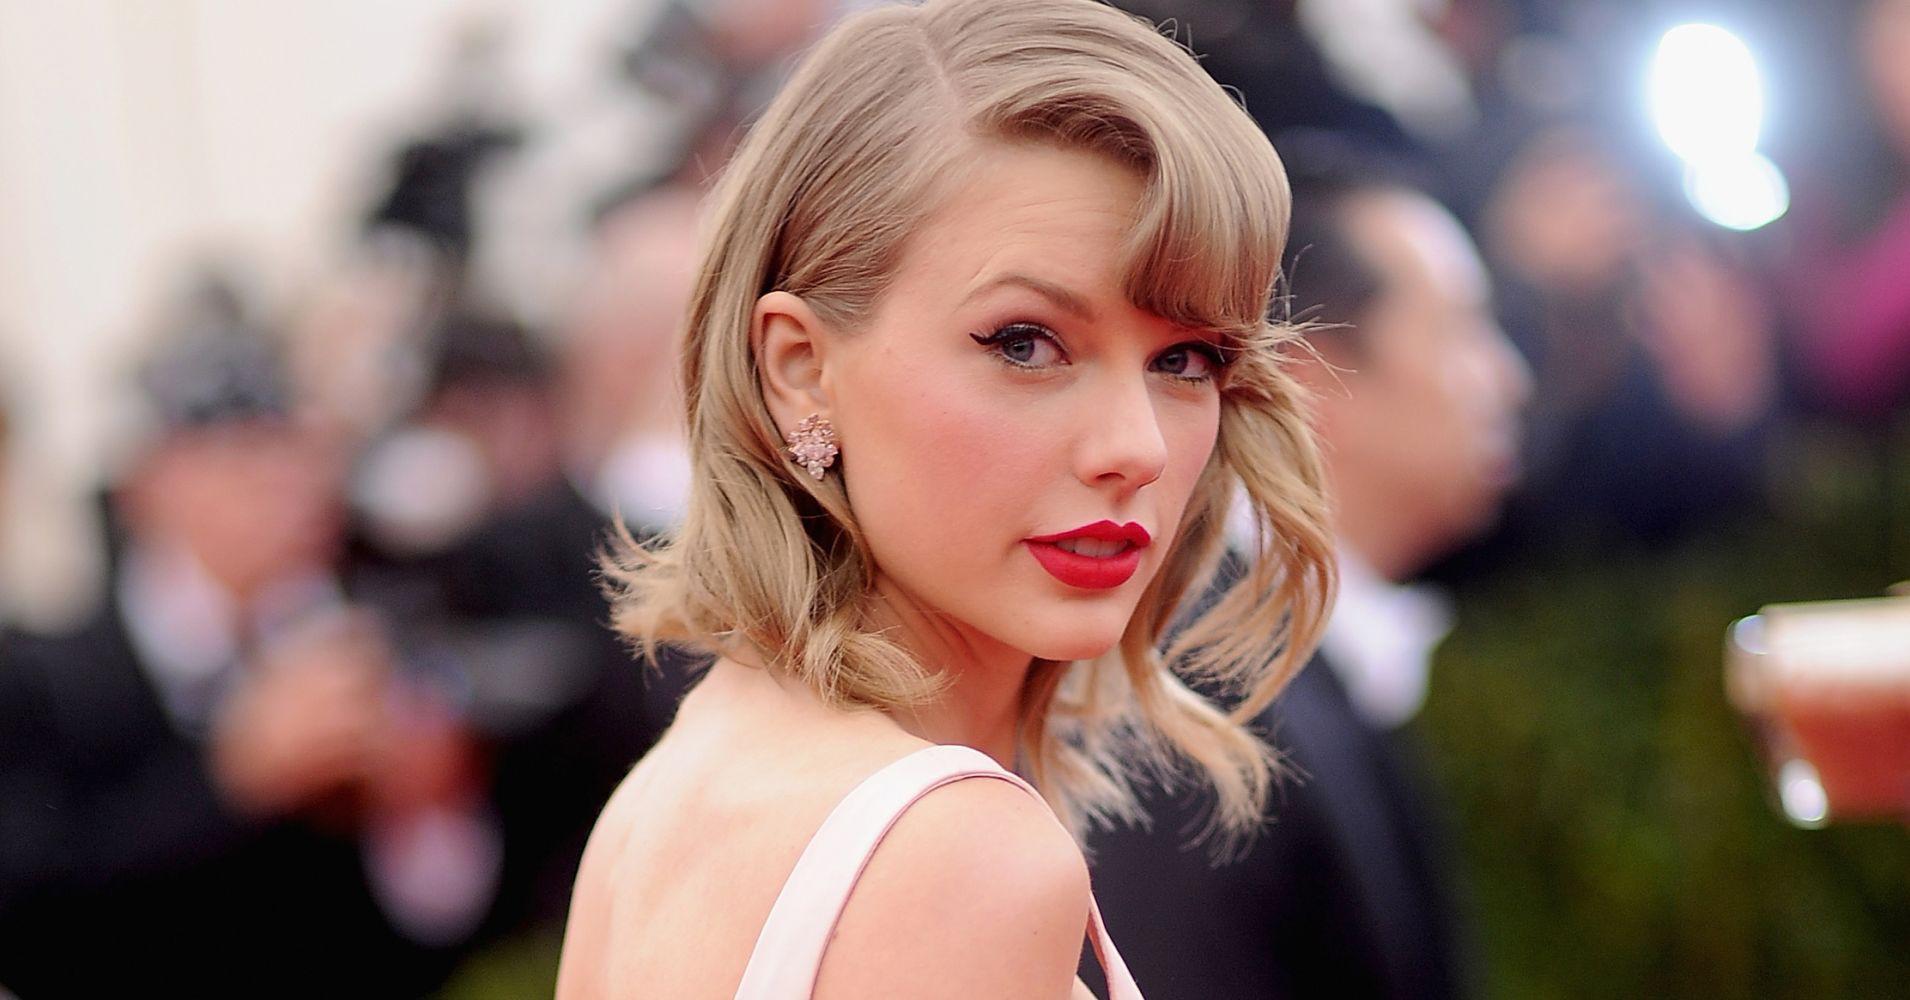 Lộ diện Top 5 nữ nghệ sĩ thành công nhất thập kỷ này theo Billboard - Ảnh 1.